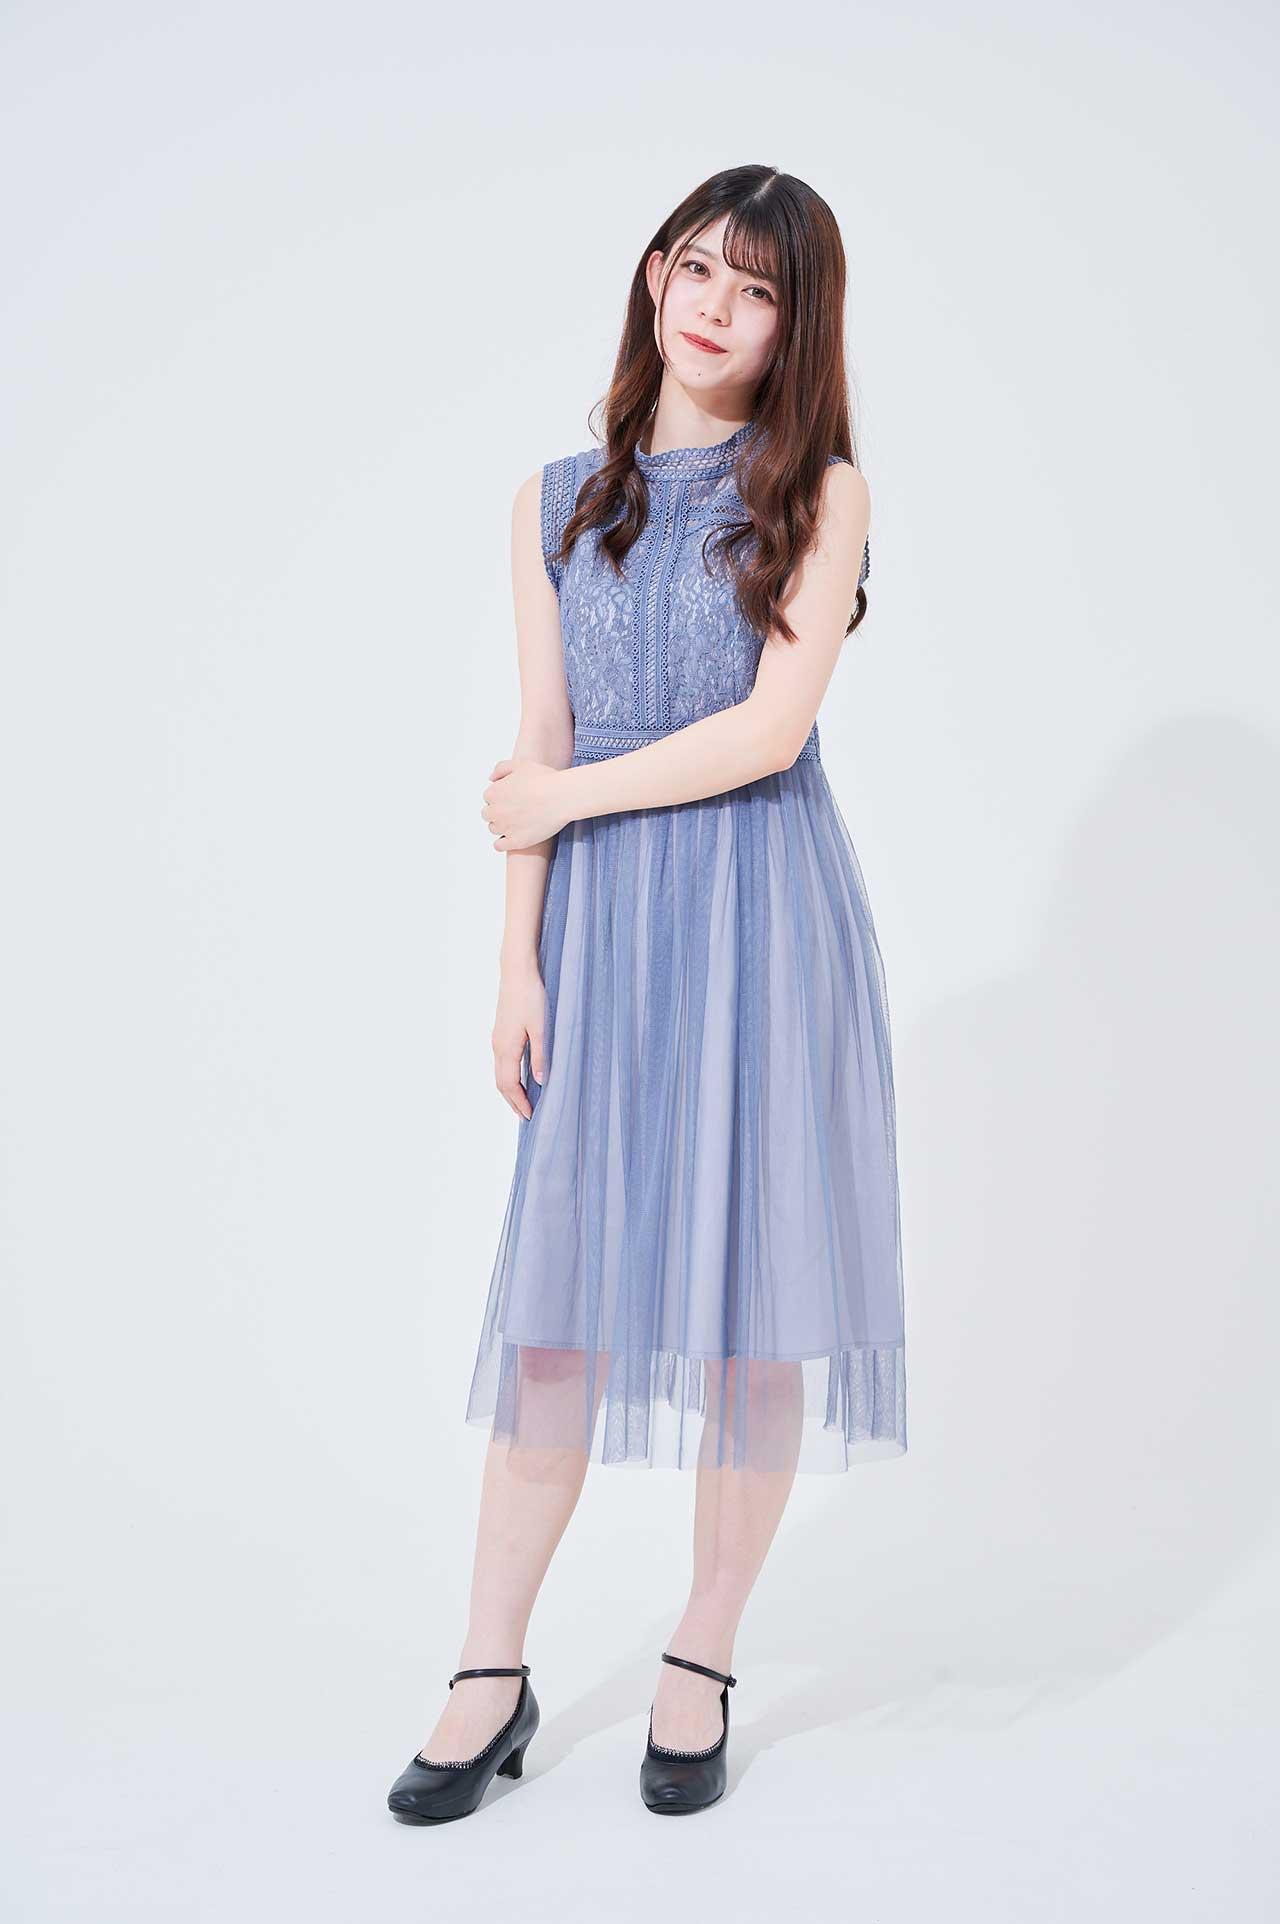 加藤 亜希菜 (かとう あきな) | Dorothy Little Happy